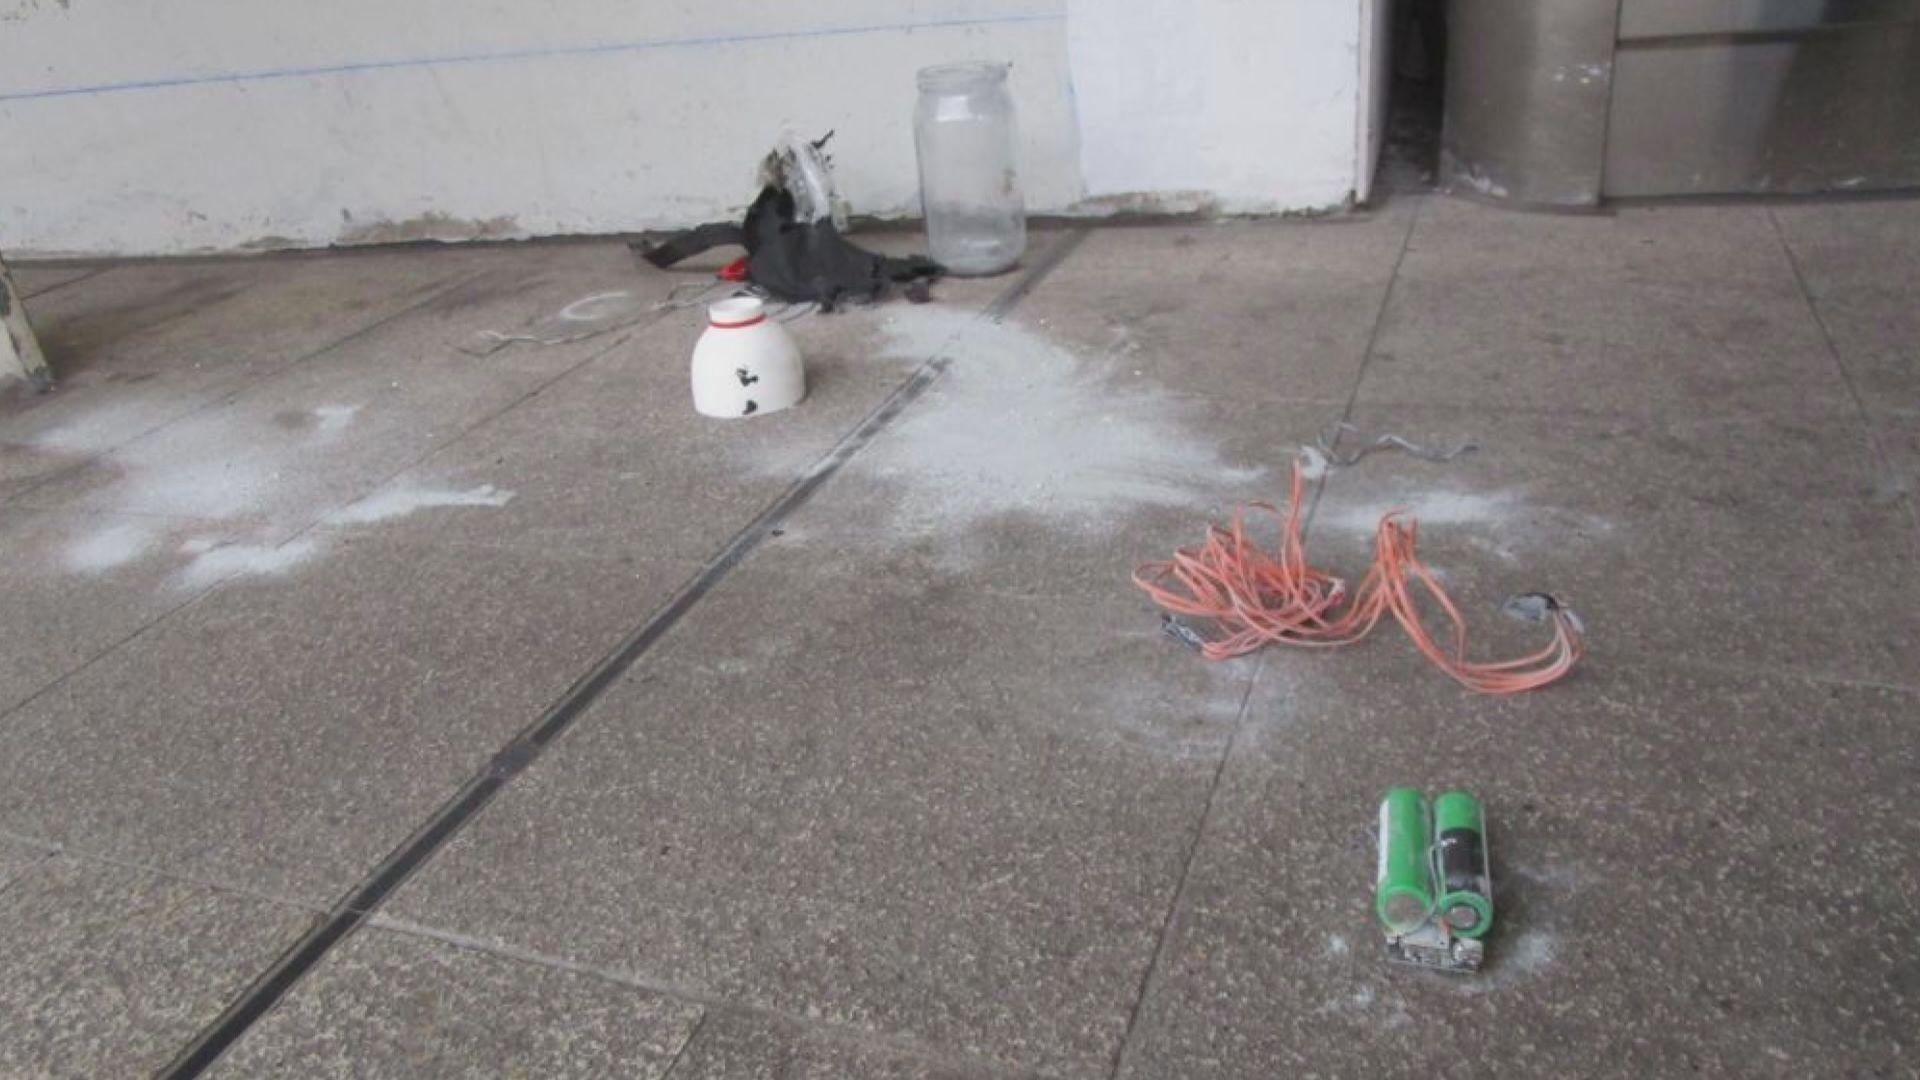 羅湖港鐵站爆炸品案 一女被告獲准保釋